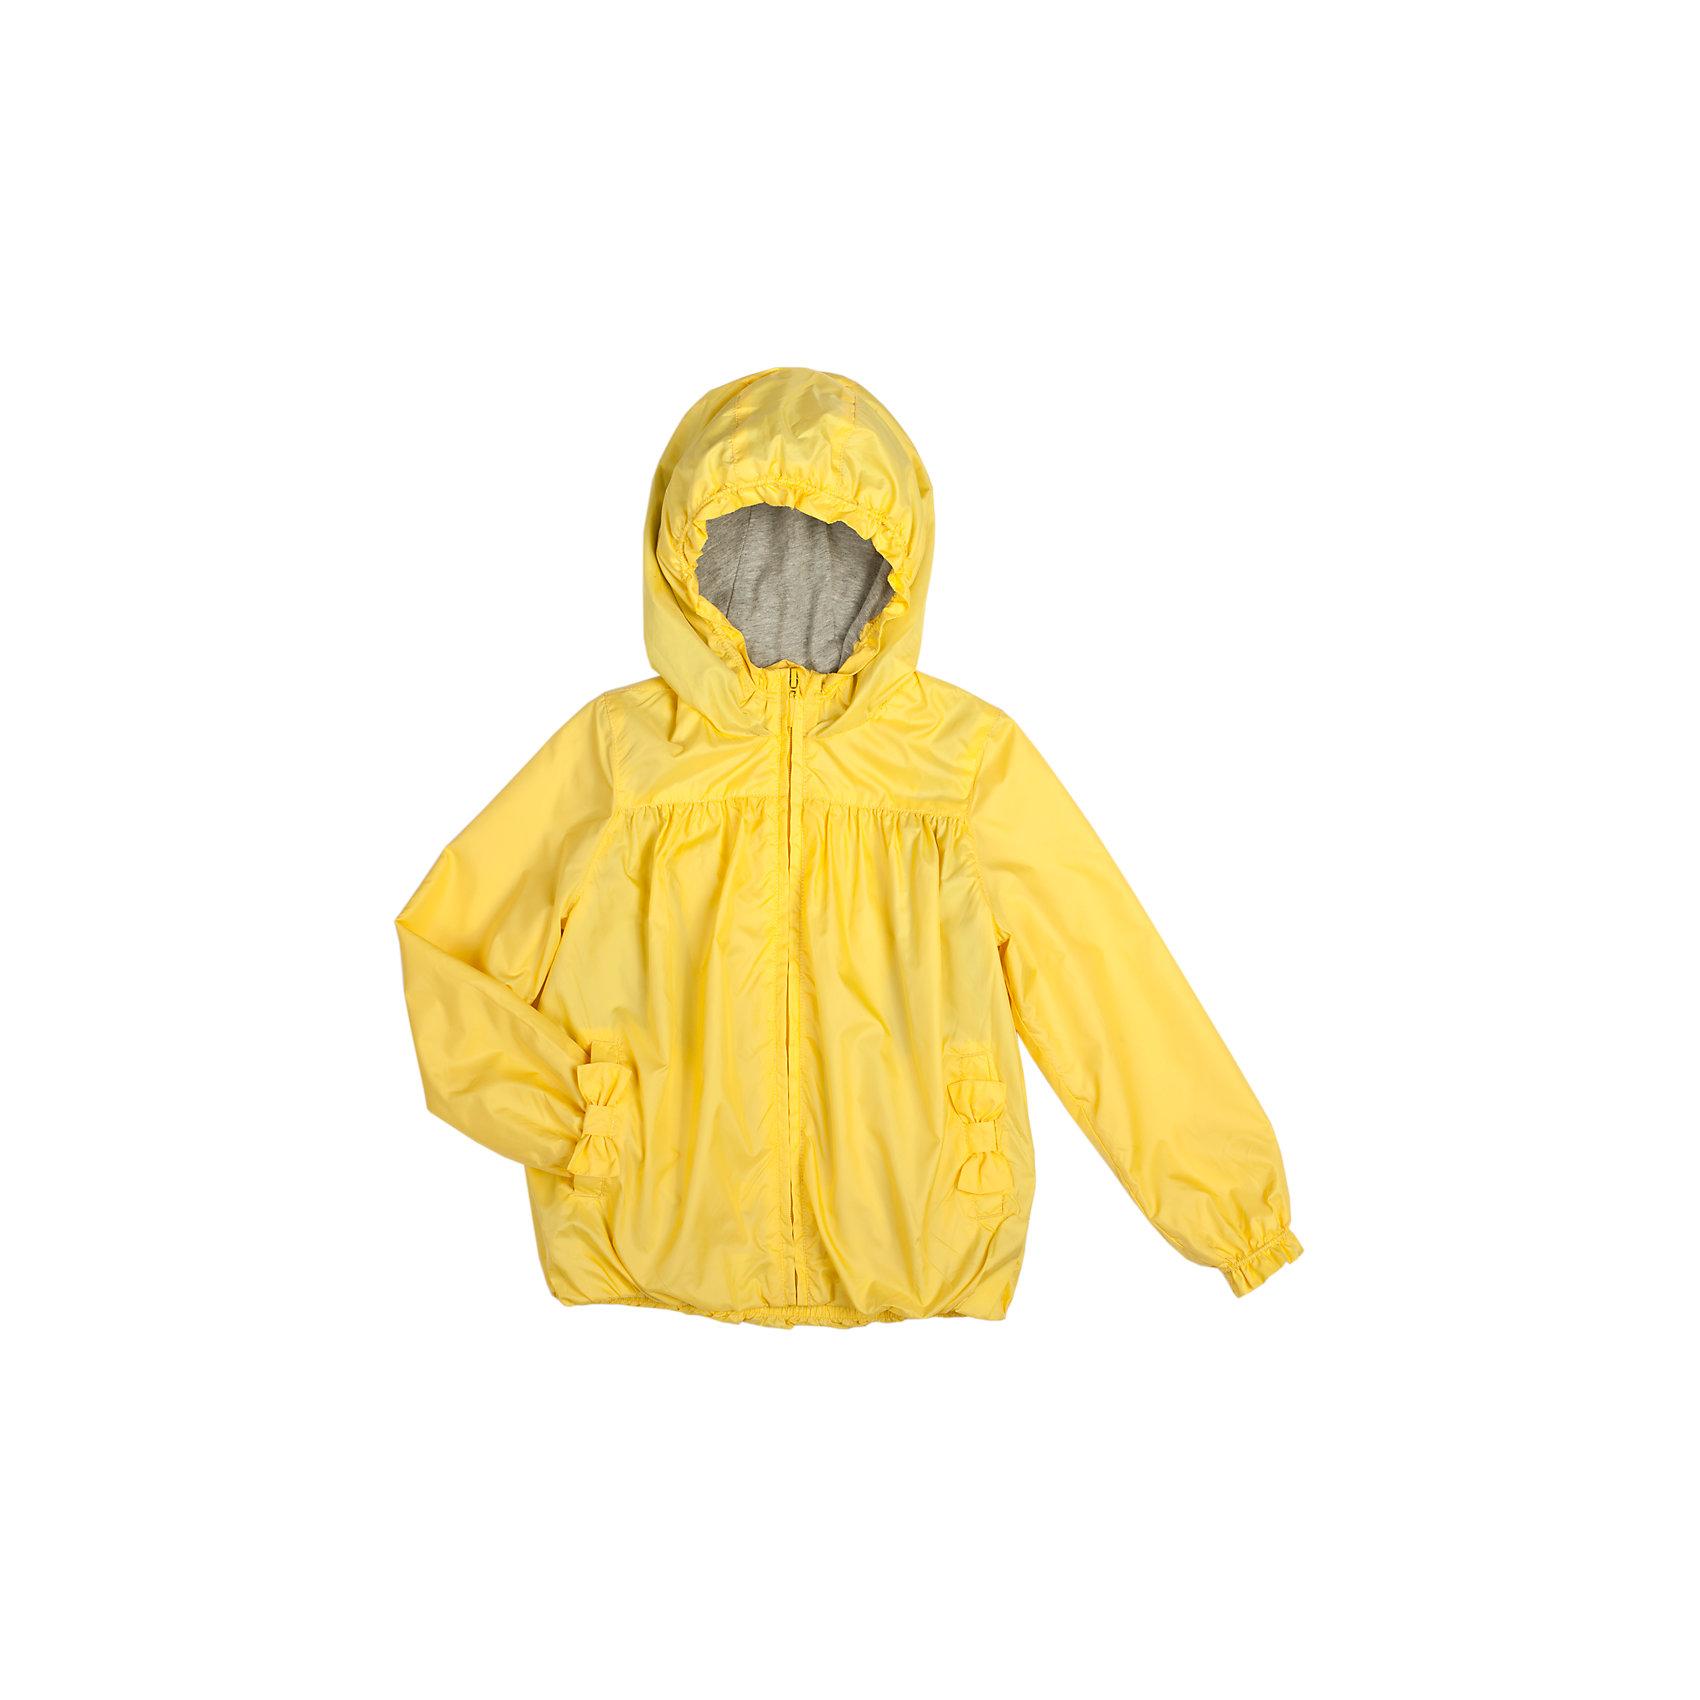 Ветровка для девочки Button BlueВерхняя одежда<br>Яркая ветровка для девочки с подкладкой из мягкой хлопковой ткани  защитит от дождя, ветра и прохладной погоды. Входы в карманы отделаны декоративным бантиком.  Комфортная, удобная и уютная ветровка идеально подойдет для прогулок и игр на свежем воздухе.<br>Состав:<br>тк. Верха: 100%полиэстер<br>подк:100%хлопок<br><br>Размеры данного бренда маломерят. Рекомендуется заказывать на размер больше.<br><br>Ширина мм: 356<br>Глубина мм: 10<br>Высота мм: 245<br>Вес г: 519<br>Цвет: желтый<br>Возраст от месяцев: 36<br>Возраст до месяцев: 48<br>Пол: Женский<br>Возраст: Детский<br>Размер: 104,98,110,122,116<br>SKU: 3979478